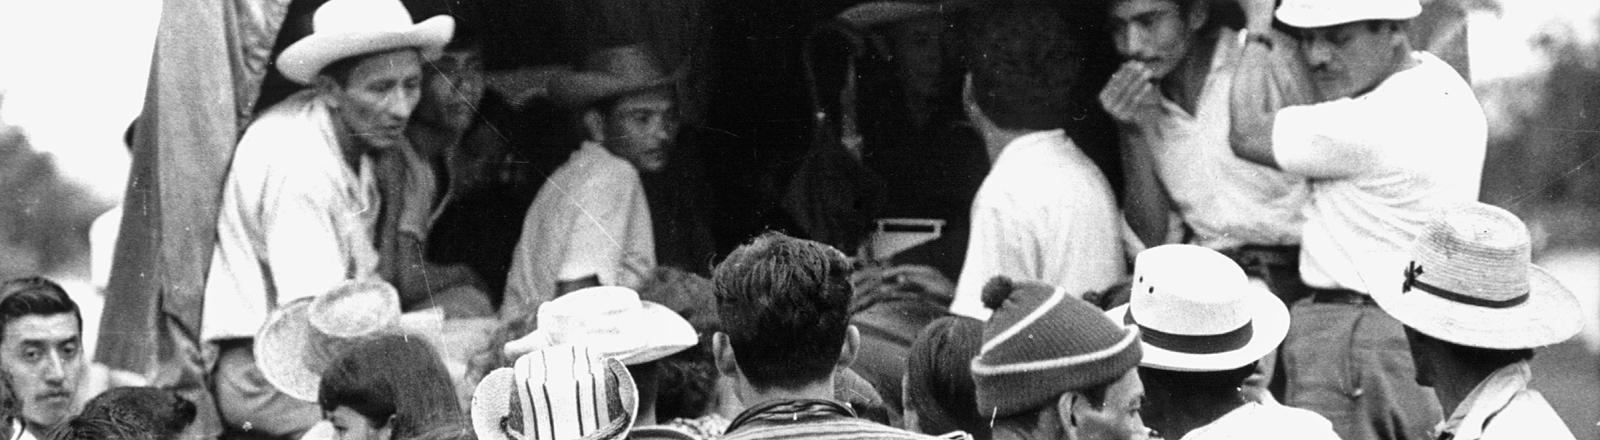 Schwarz-Weiß-Foto; vor der Rückseite eines geöffneten Lastwagen stehen mehrere Männer, auf der Ladefläche sitzen und stehen weitere Männer; Bild: dpa